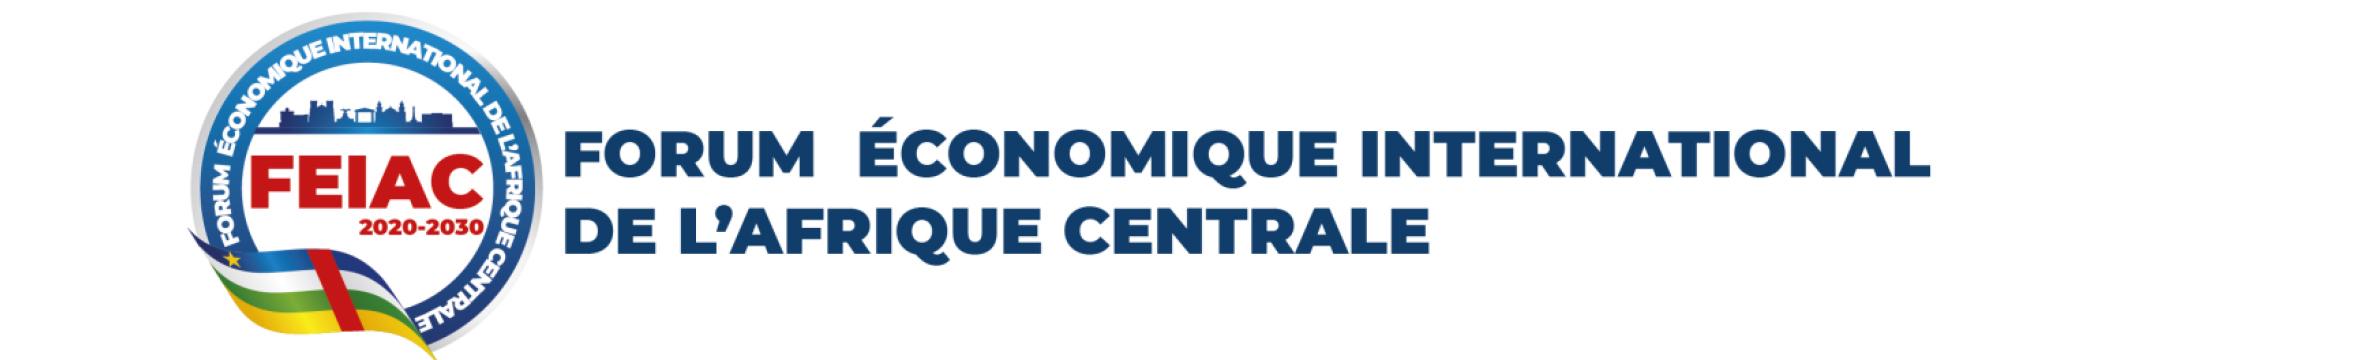 Forum Économique International de l'Afrique Centrale